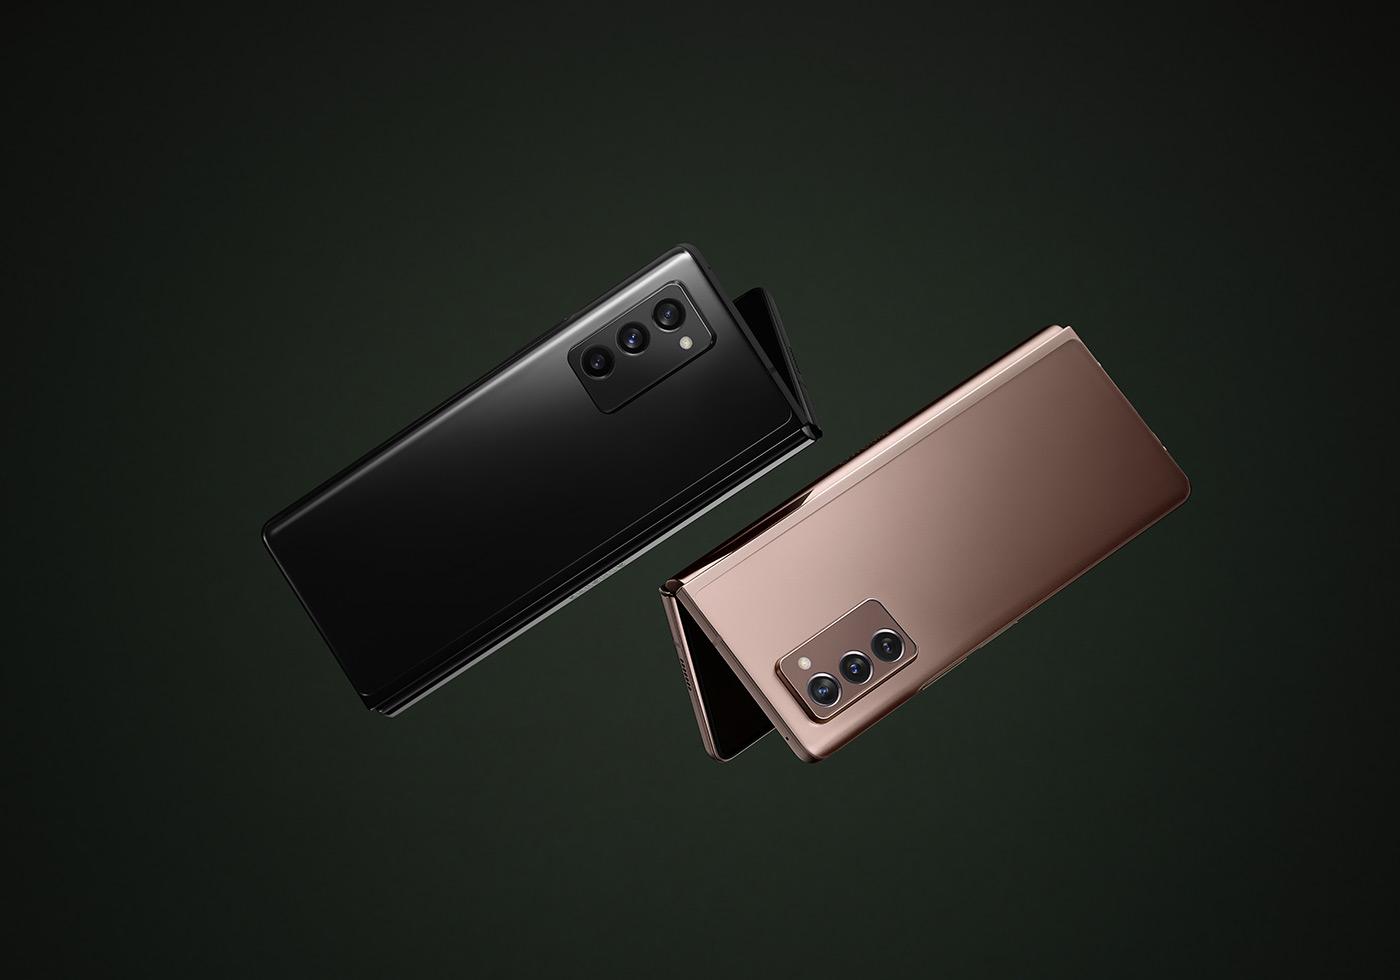 Как выгодно приобрести Samsung Galaxy Z Fold2 или Z Flip будущее,гаджеты,мобильные телефоны,Россия,смартфоны,советы,телефоны,техника,технологии,электроника